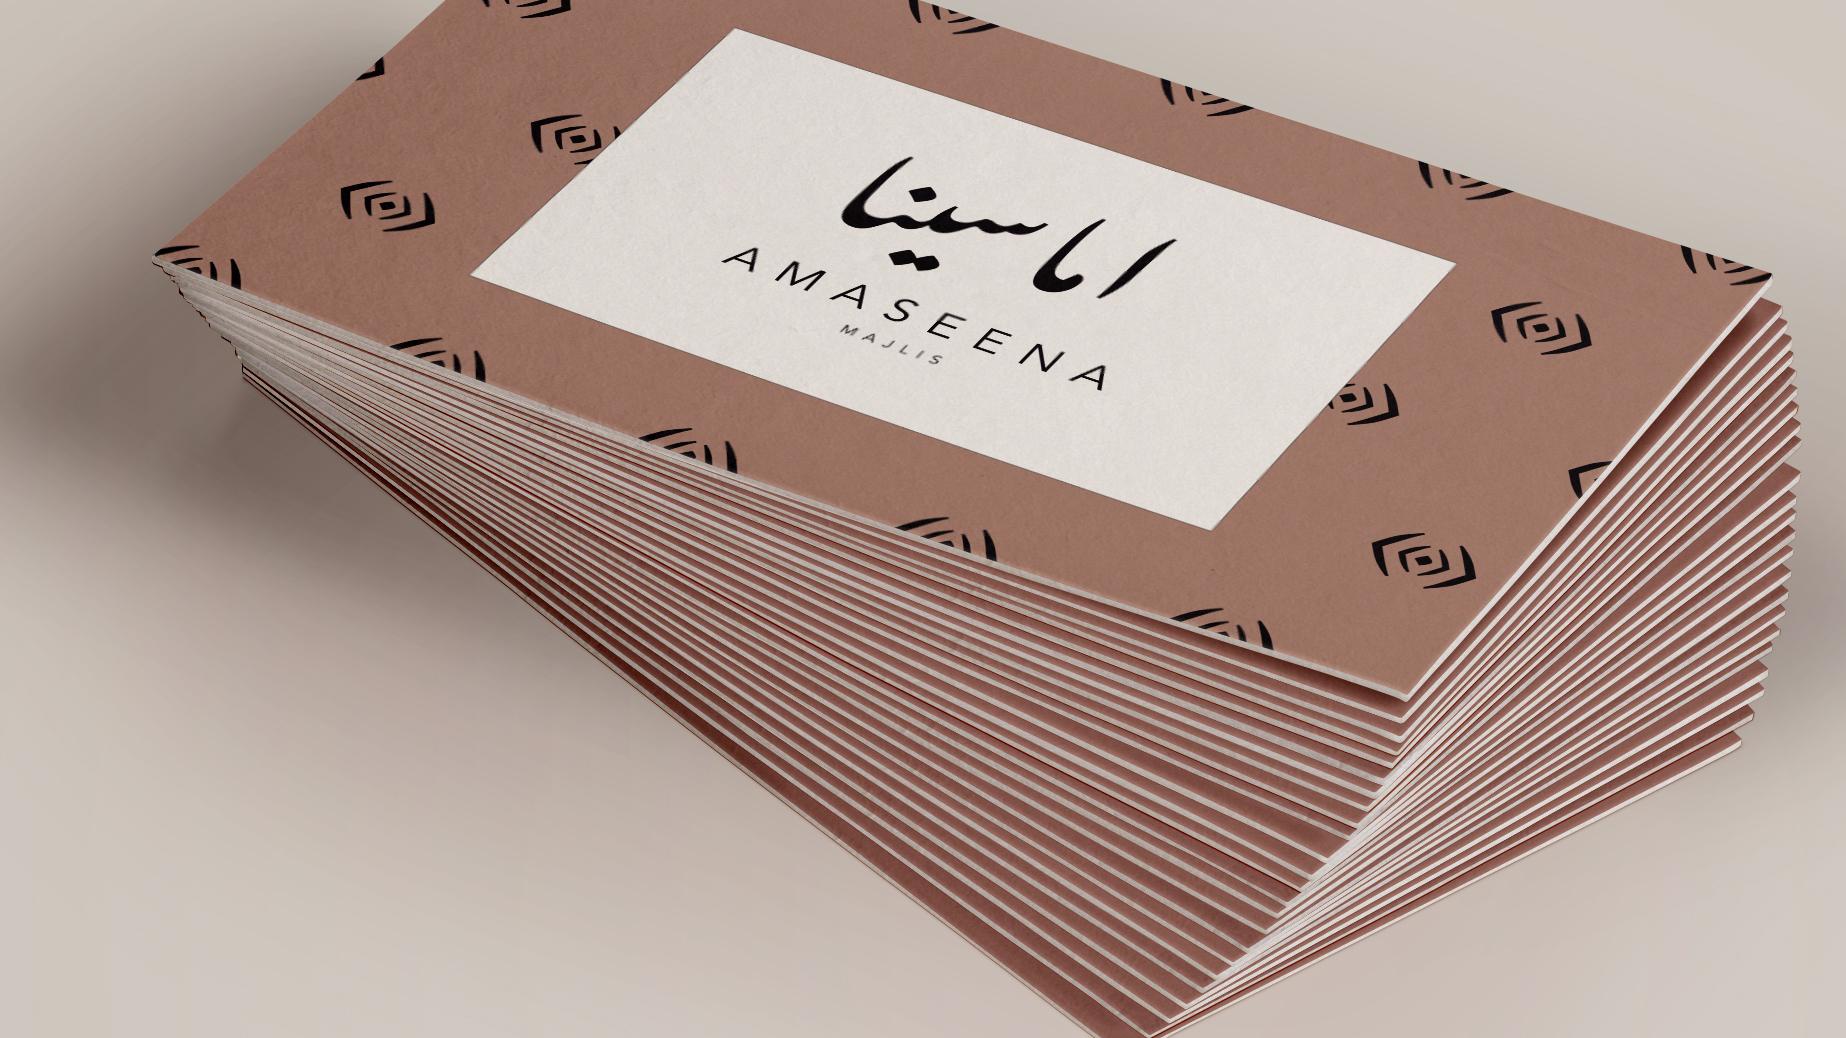 Amaseena_BusinessCardMock.jpg